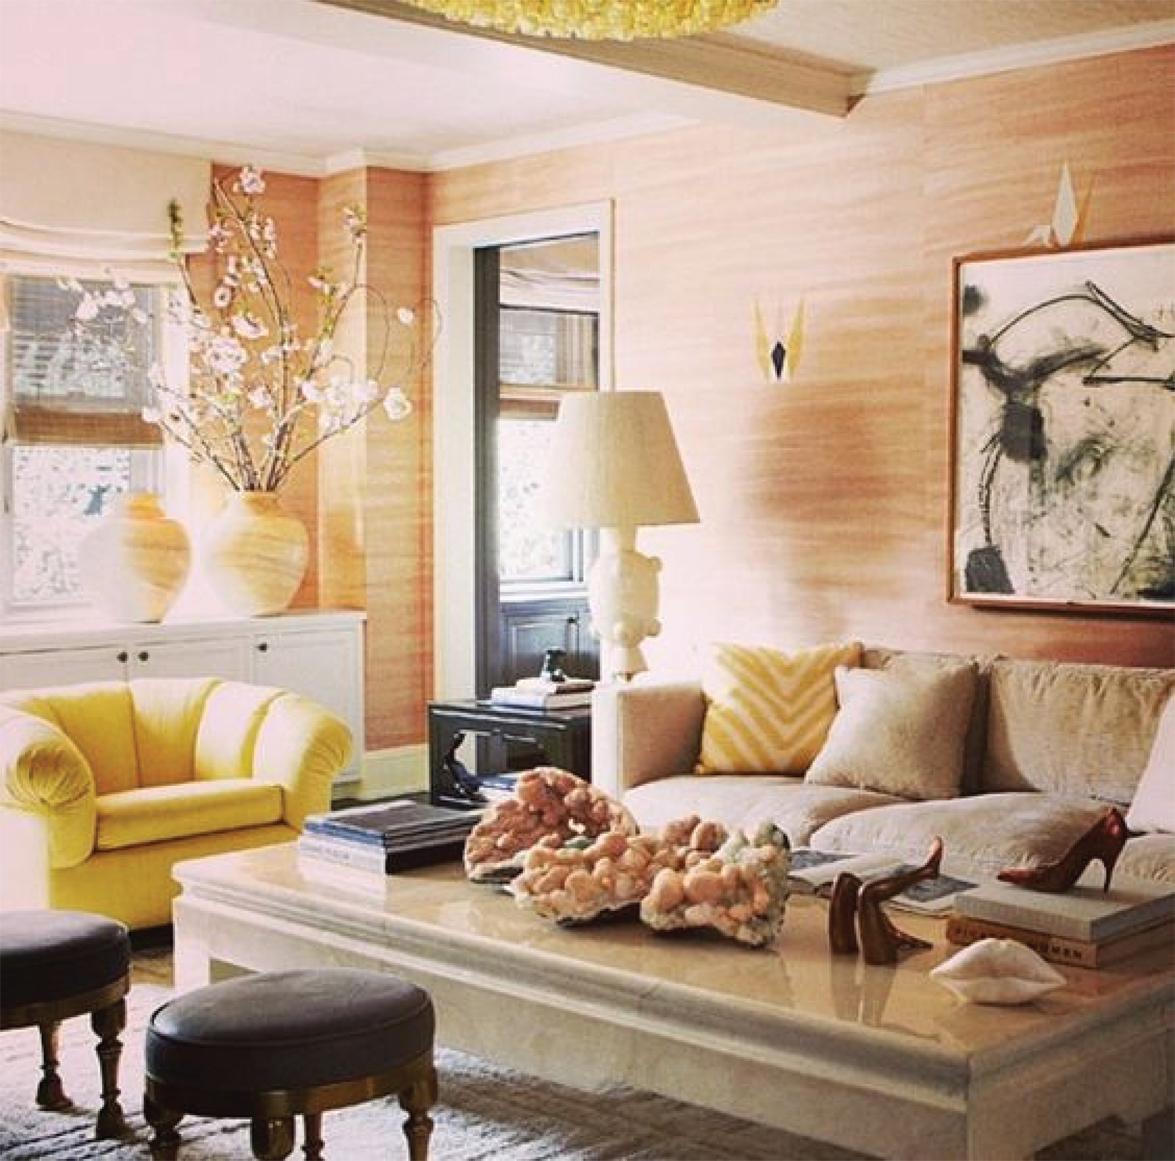 Blush Living Room Design by Kelly Wearstler